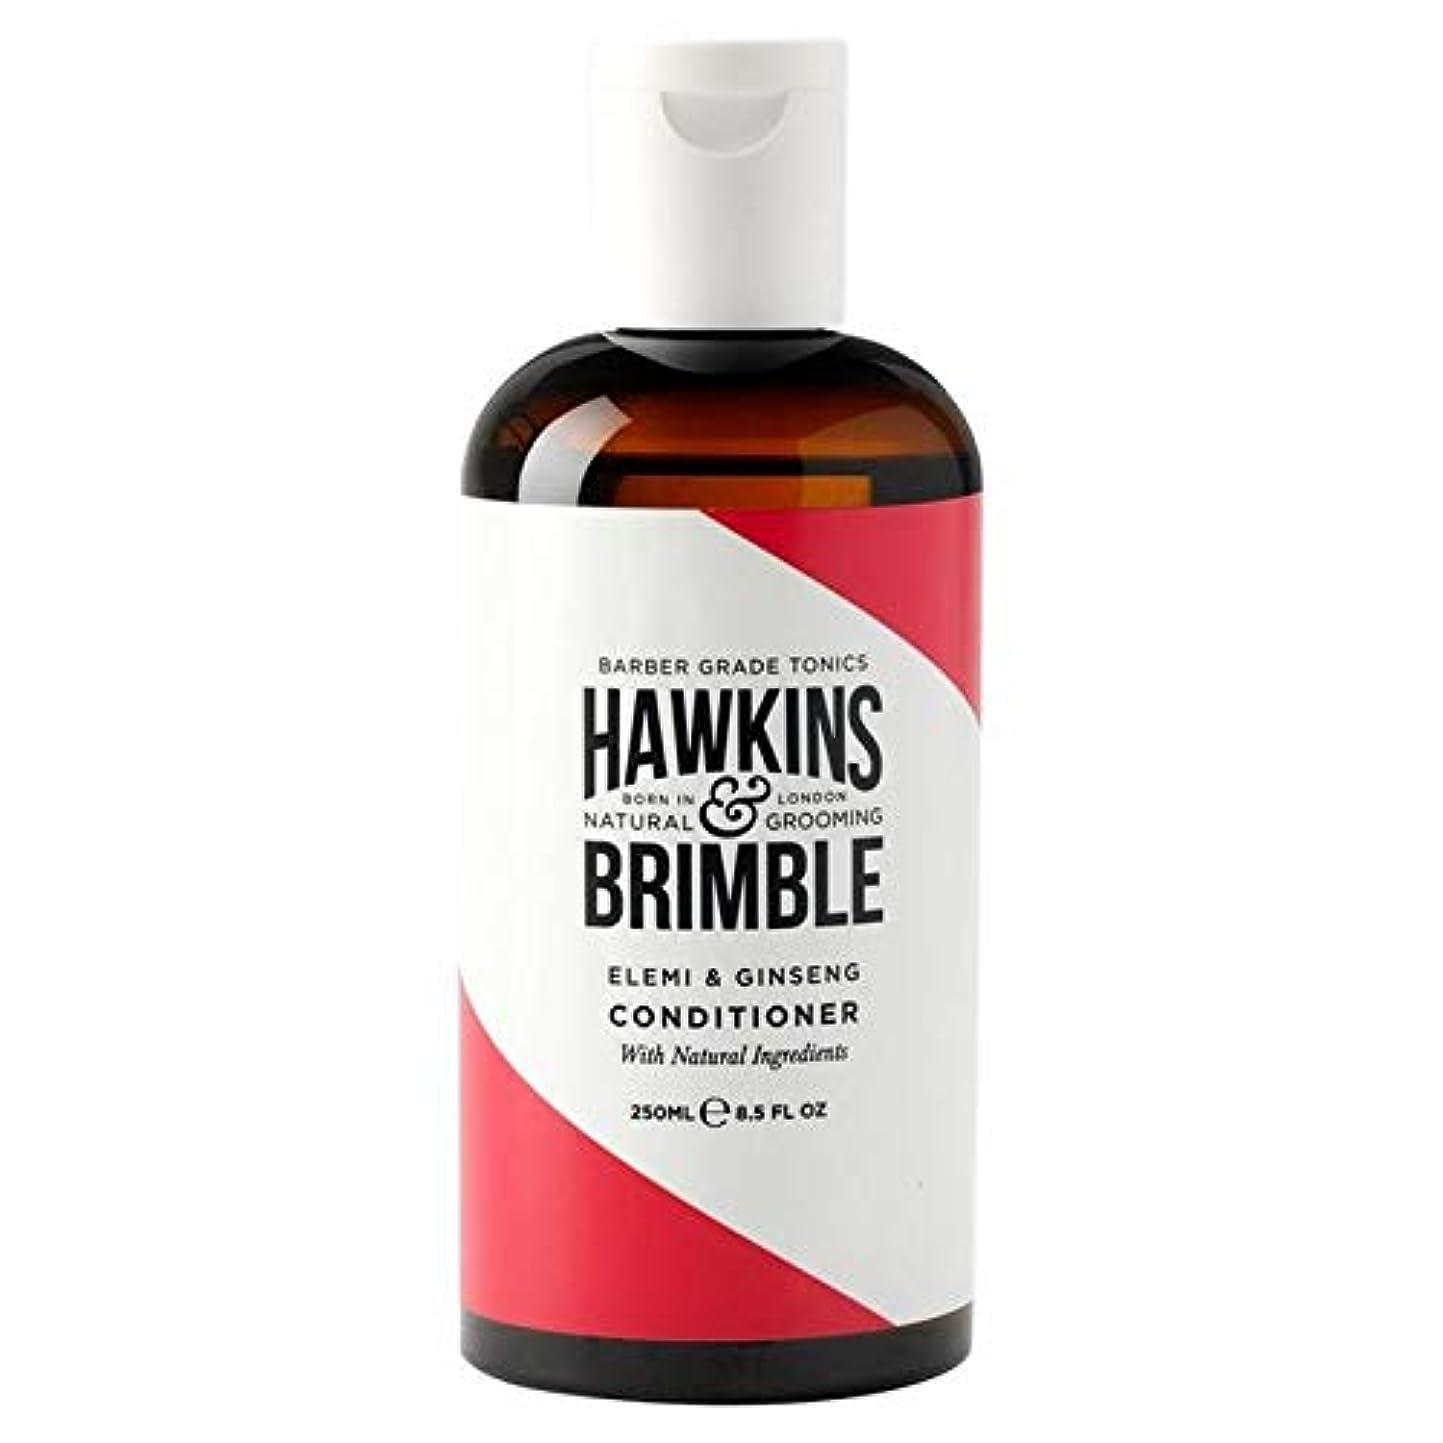 不愉快に食事を調理する設置[Hawkins & Brimble] ホーキンス&Brimbleナチュラルコンディショナー250Ml - Hawkins & Brimble Natural Conditioner 250ml [並行輸入品]